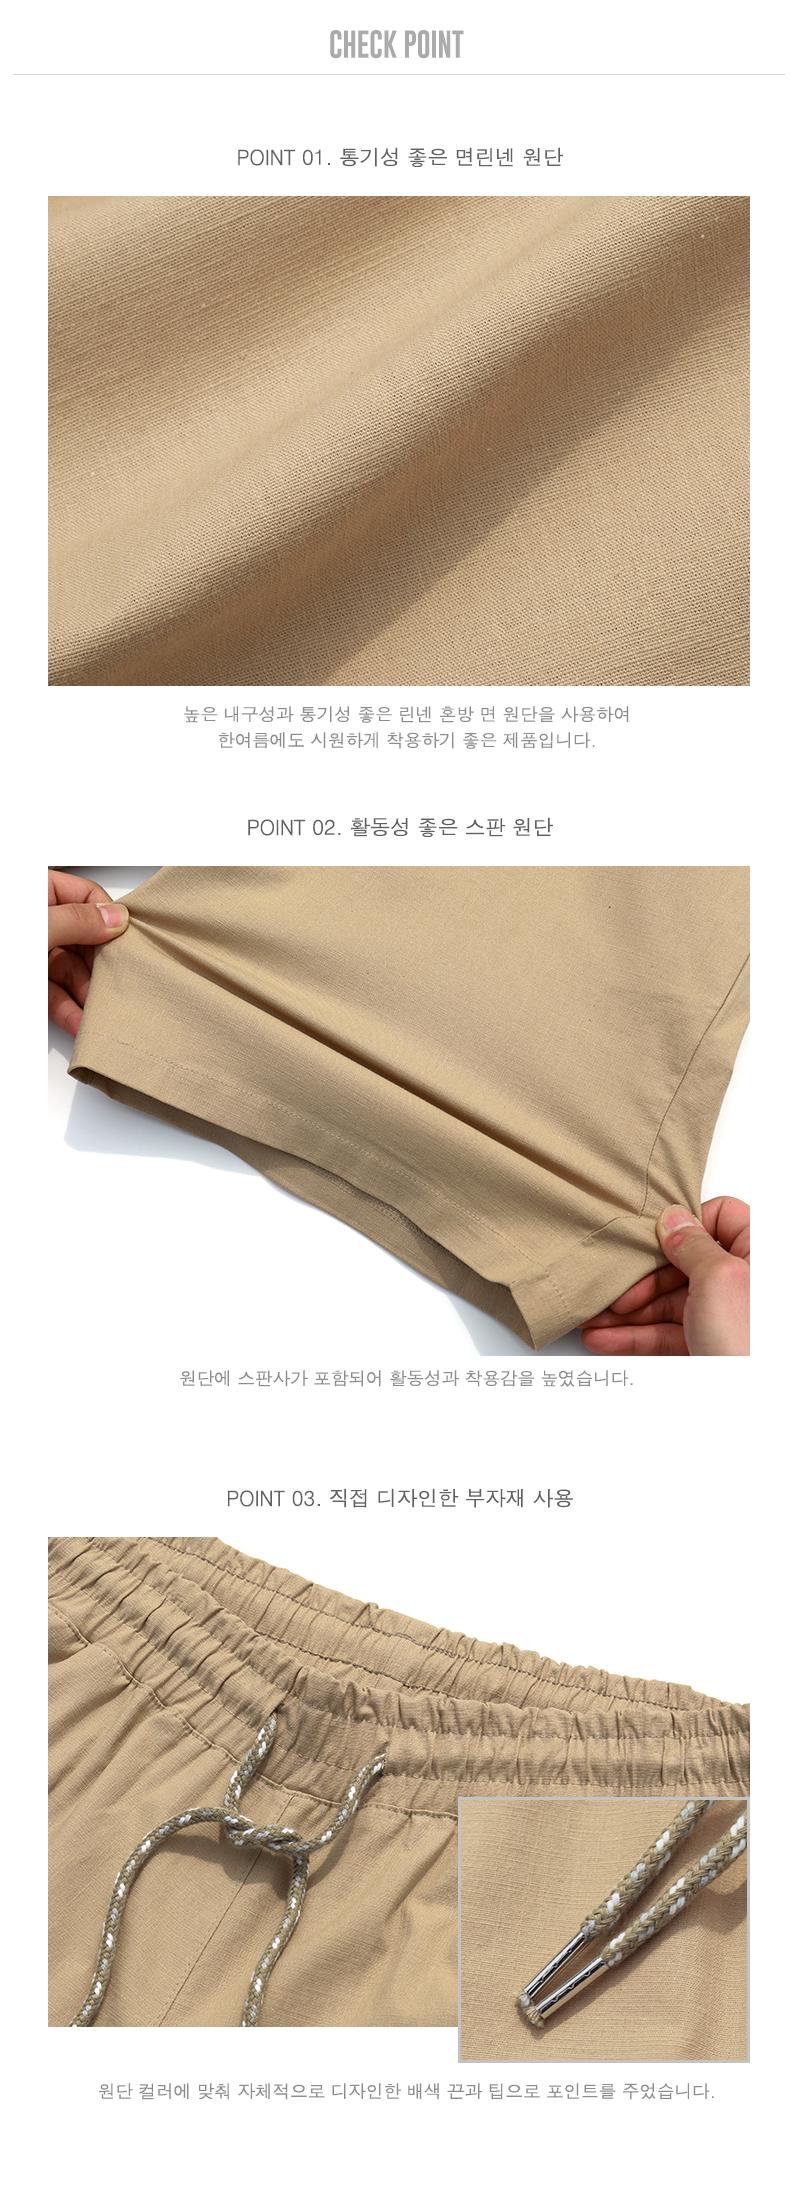 [기획특가][패키지] [페플]참편한 린넨 숏팬츠 8종 2pack KHSP1185